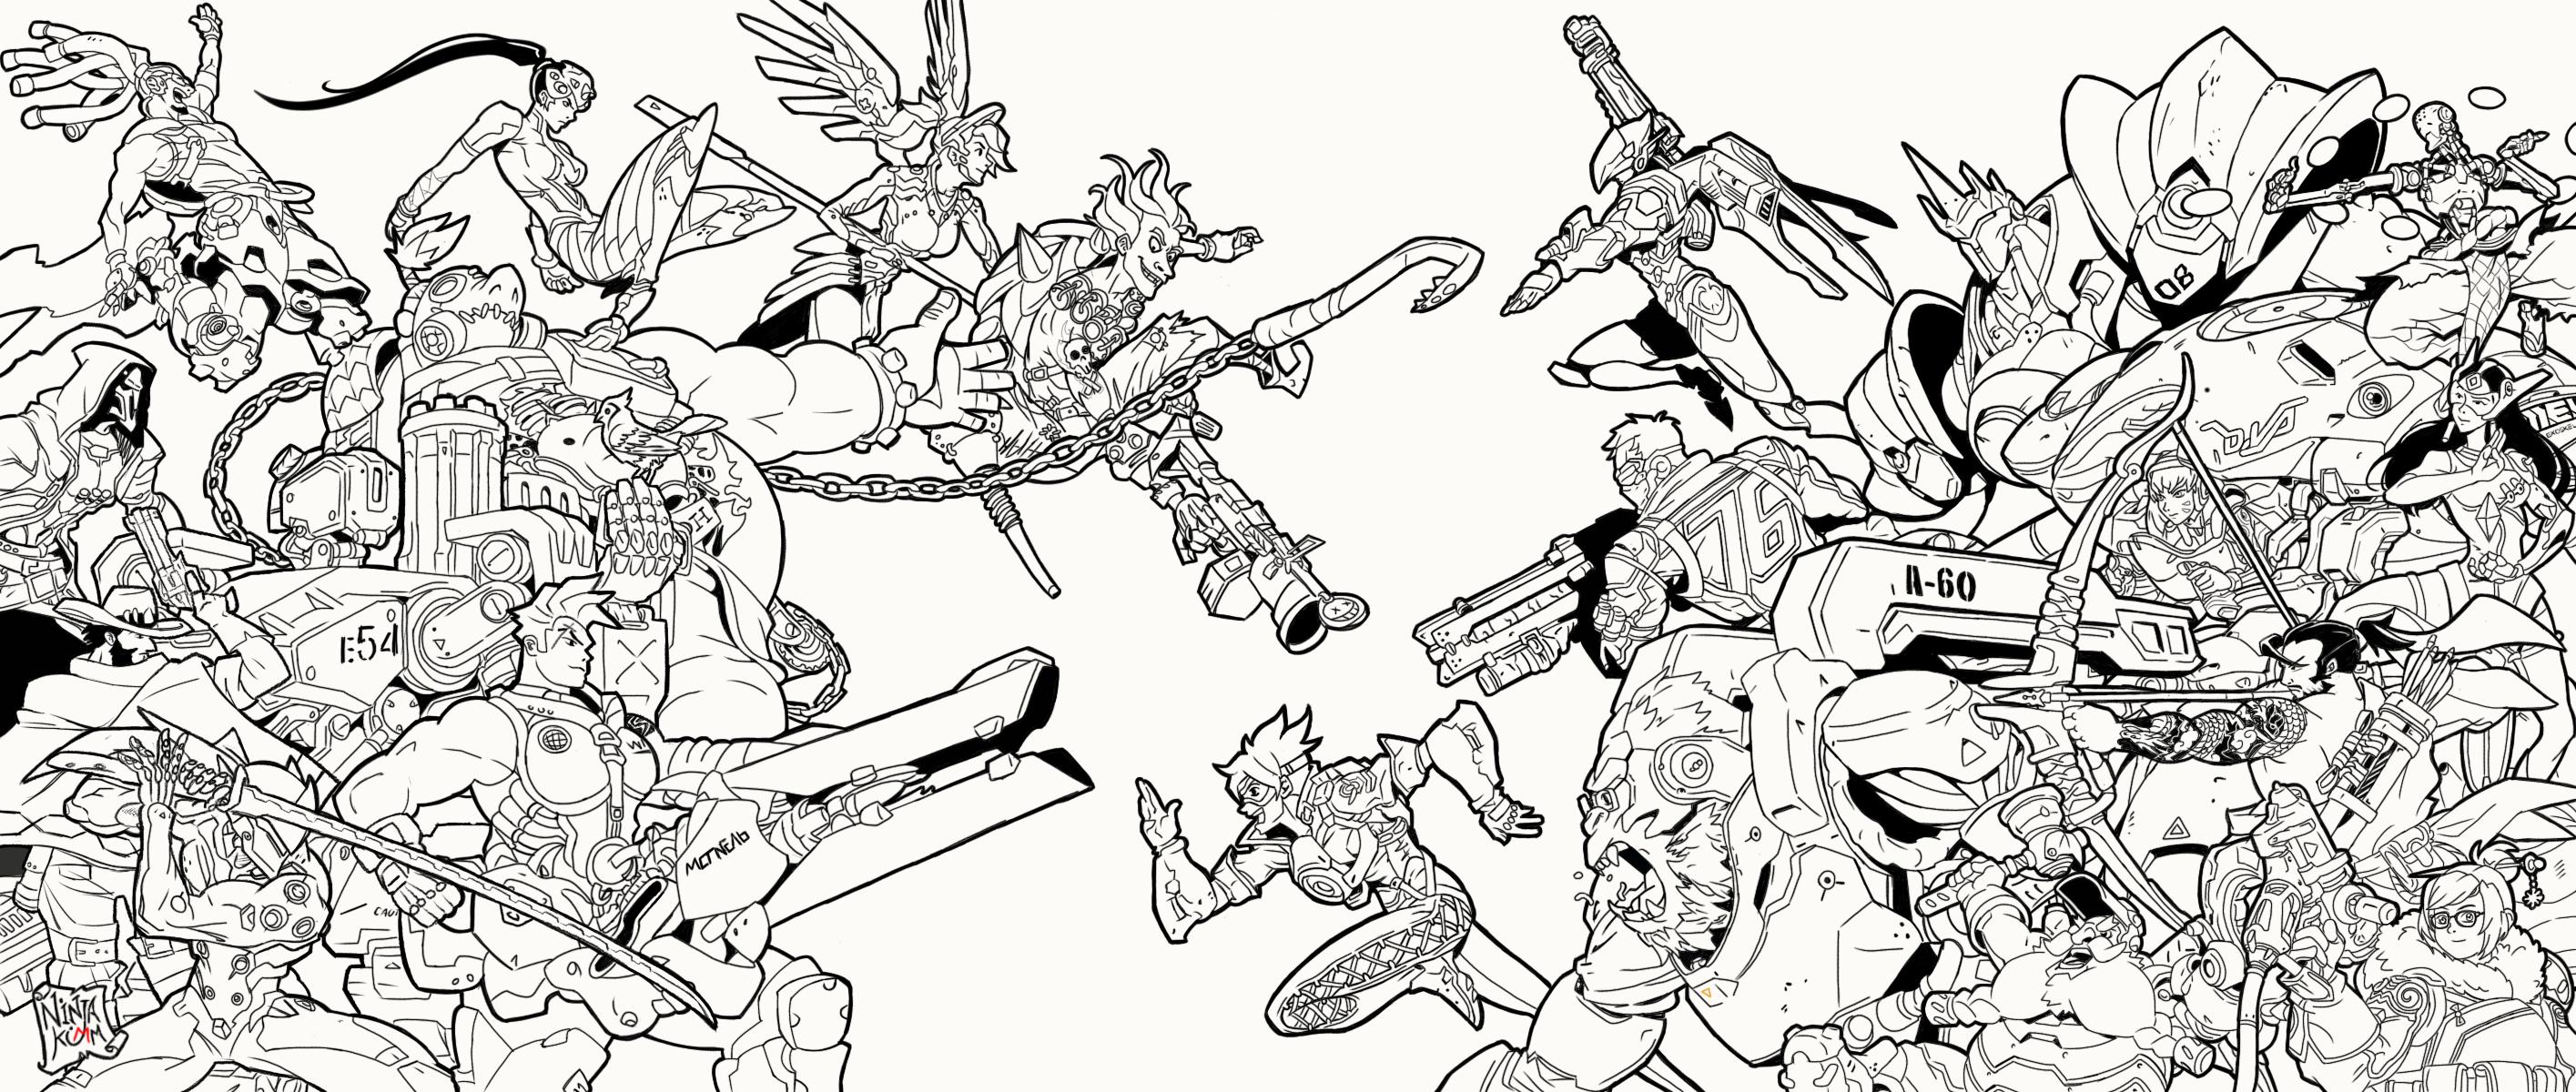 Overwatch lineart fanart by ninjakimm on deviantart for Line drawing wallpaper